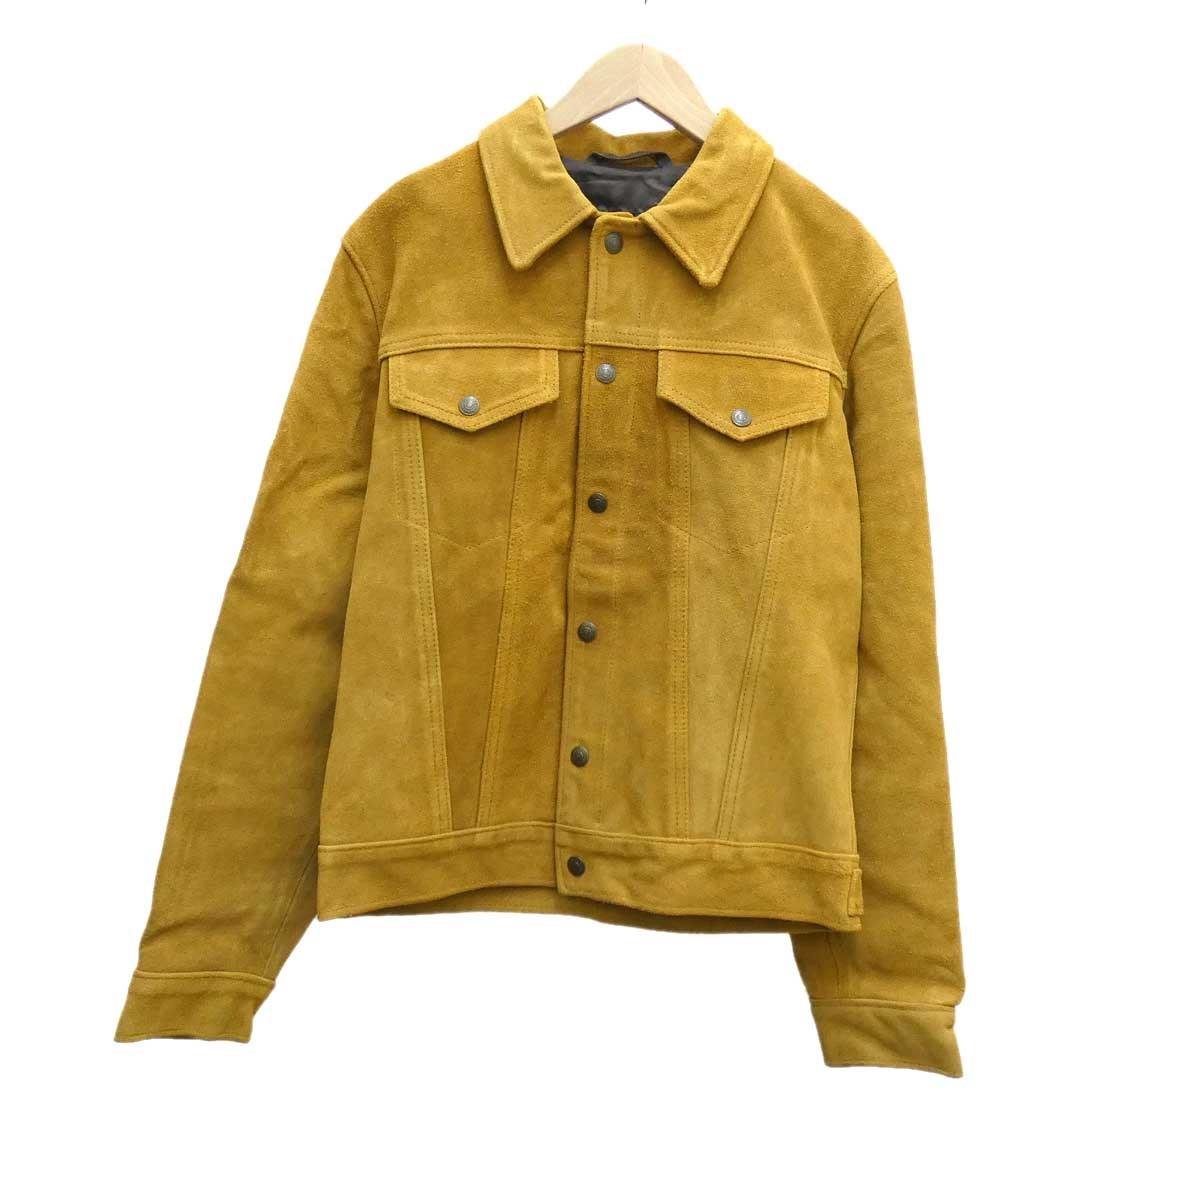 【中古】SCHOTT レザージャケット キャメル サイズ:36 【210820】(ショット)